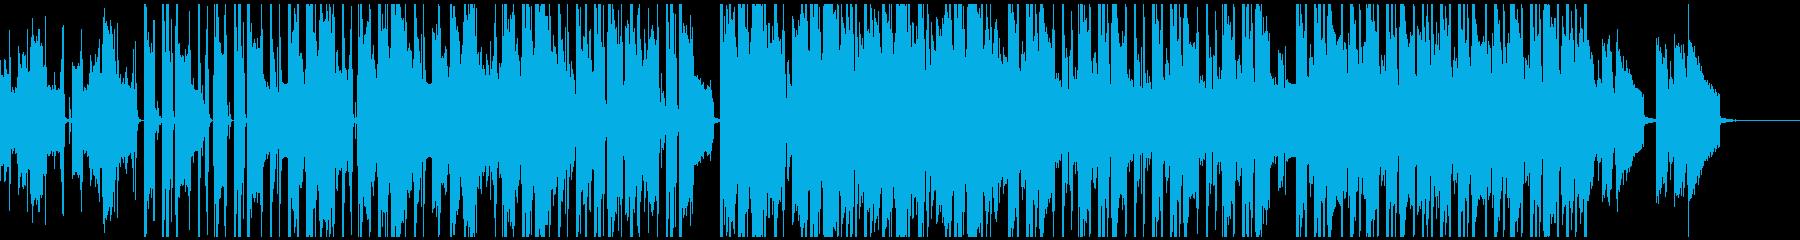 広がりのあるエレピの優しいヒップホップの再生済みの波形